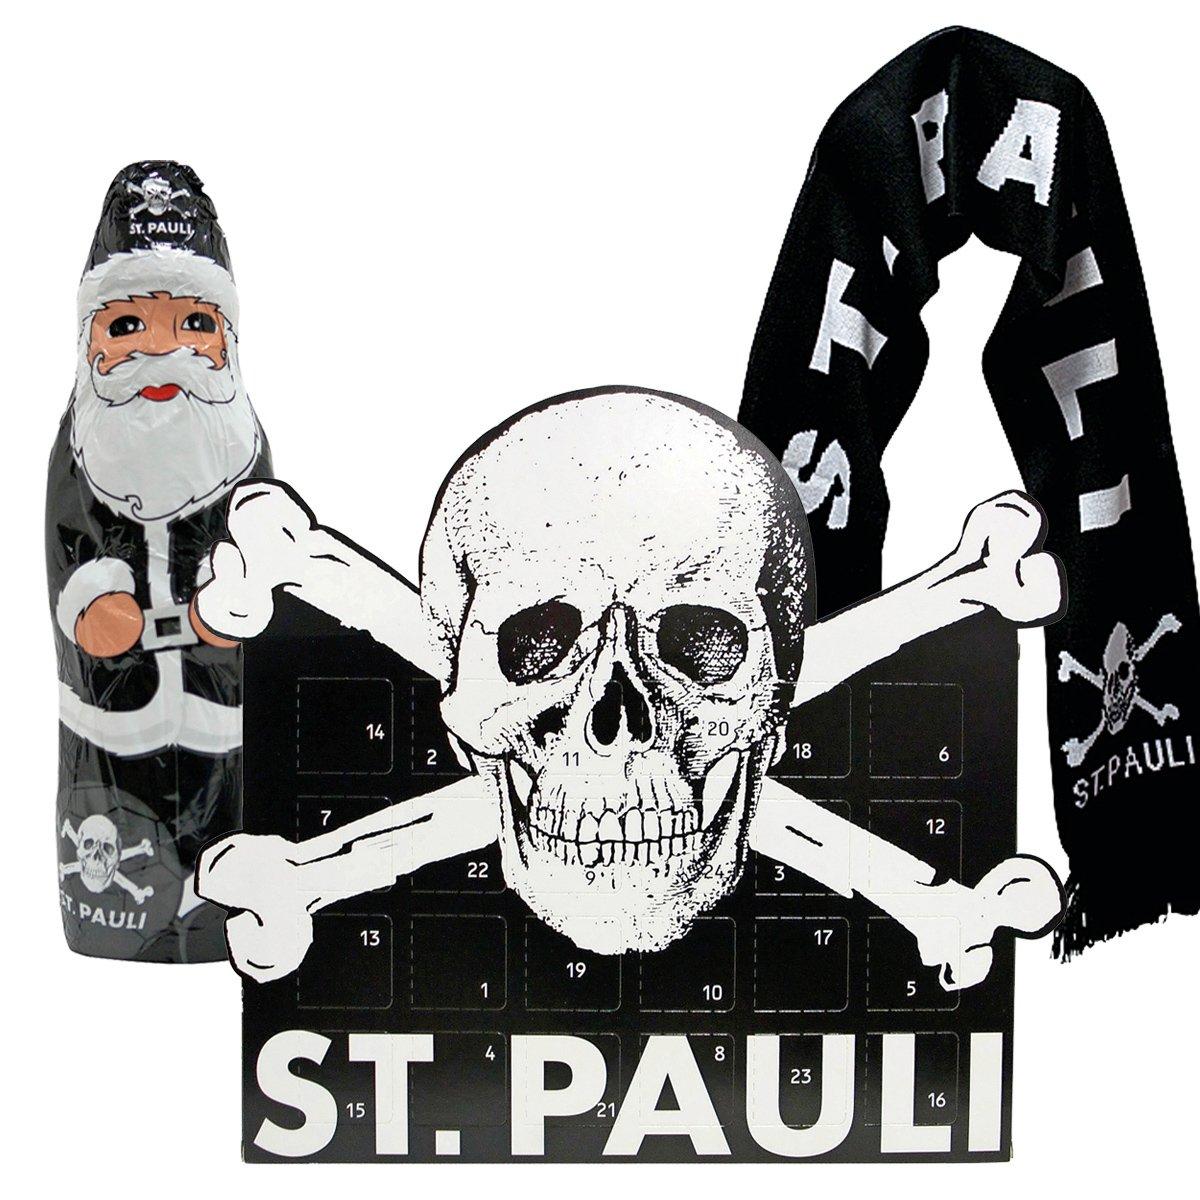 FC St. Pauli 3-teiliges Advents-Set mit Schal (Adventskalender + Schokoweihnachtsmann + Totenkopf-Schal schwarz) FC St. Pauli Merchandising